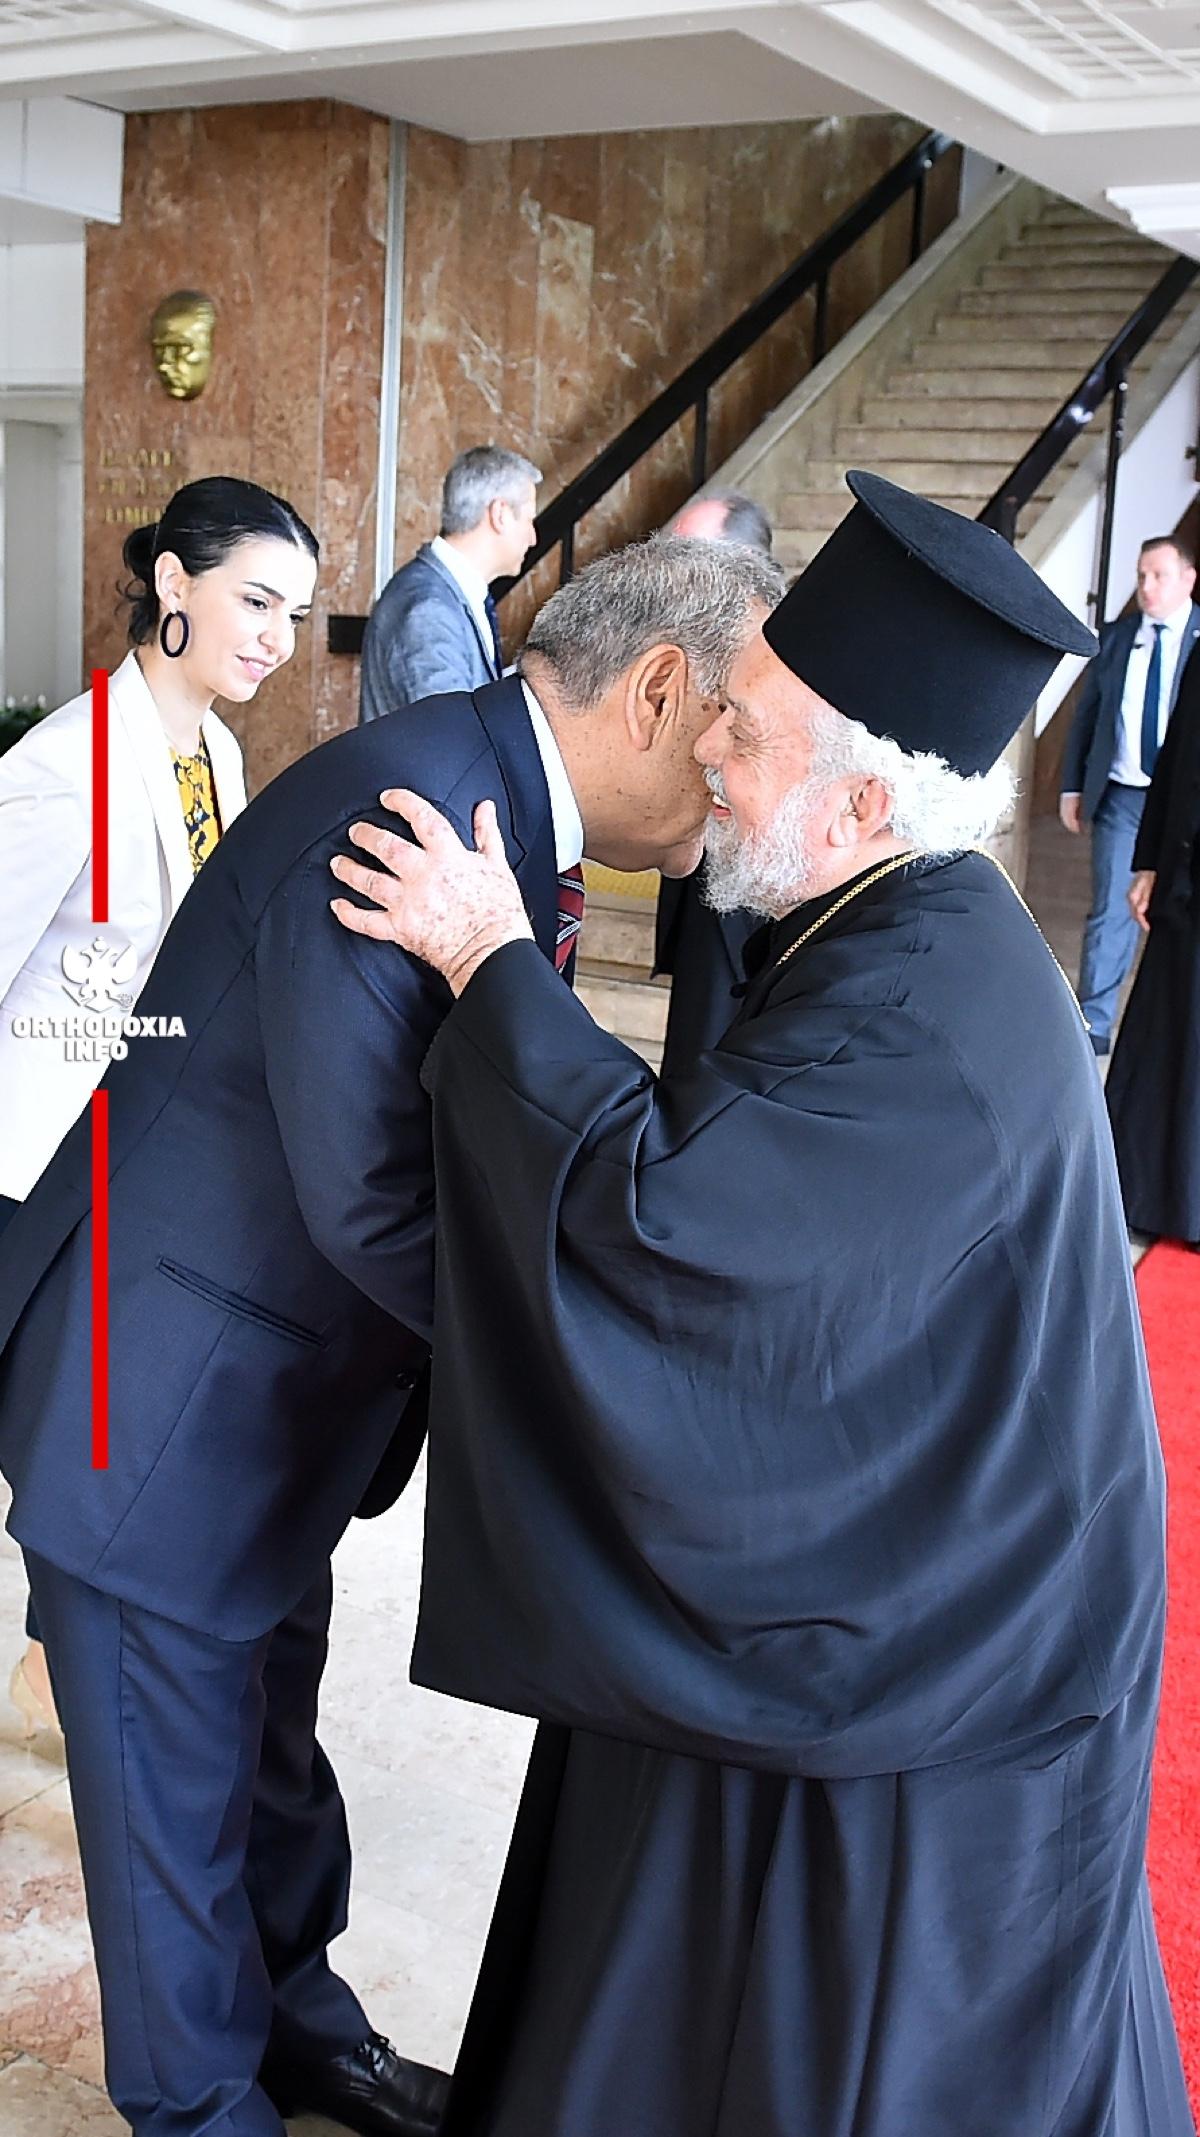 Με τον Μητροπολιτικό Δήμαρχο Σμύρνης κ. Aziz Kolaoglu